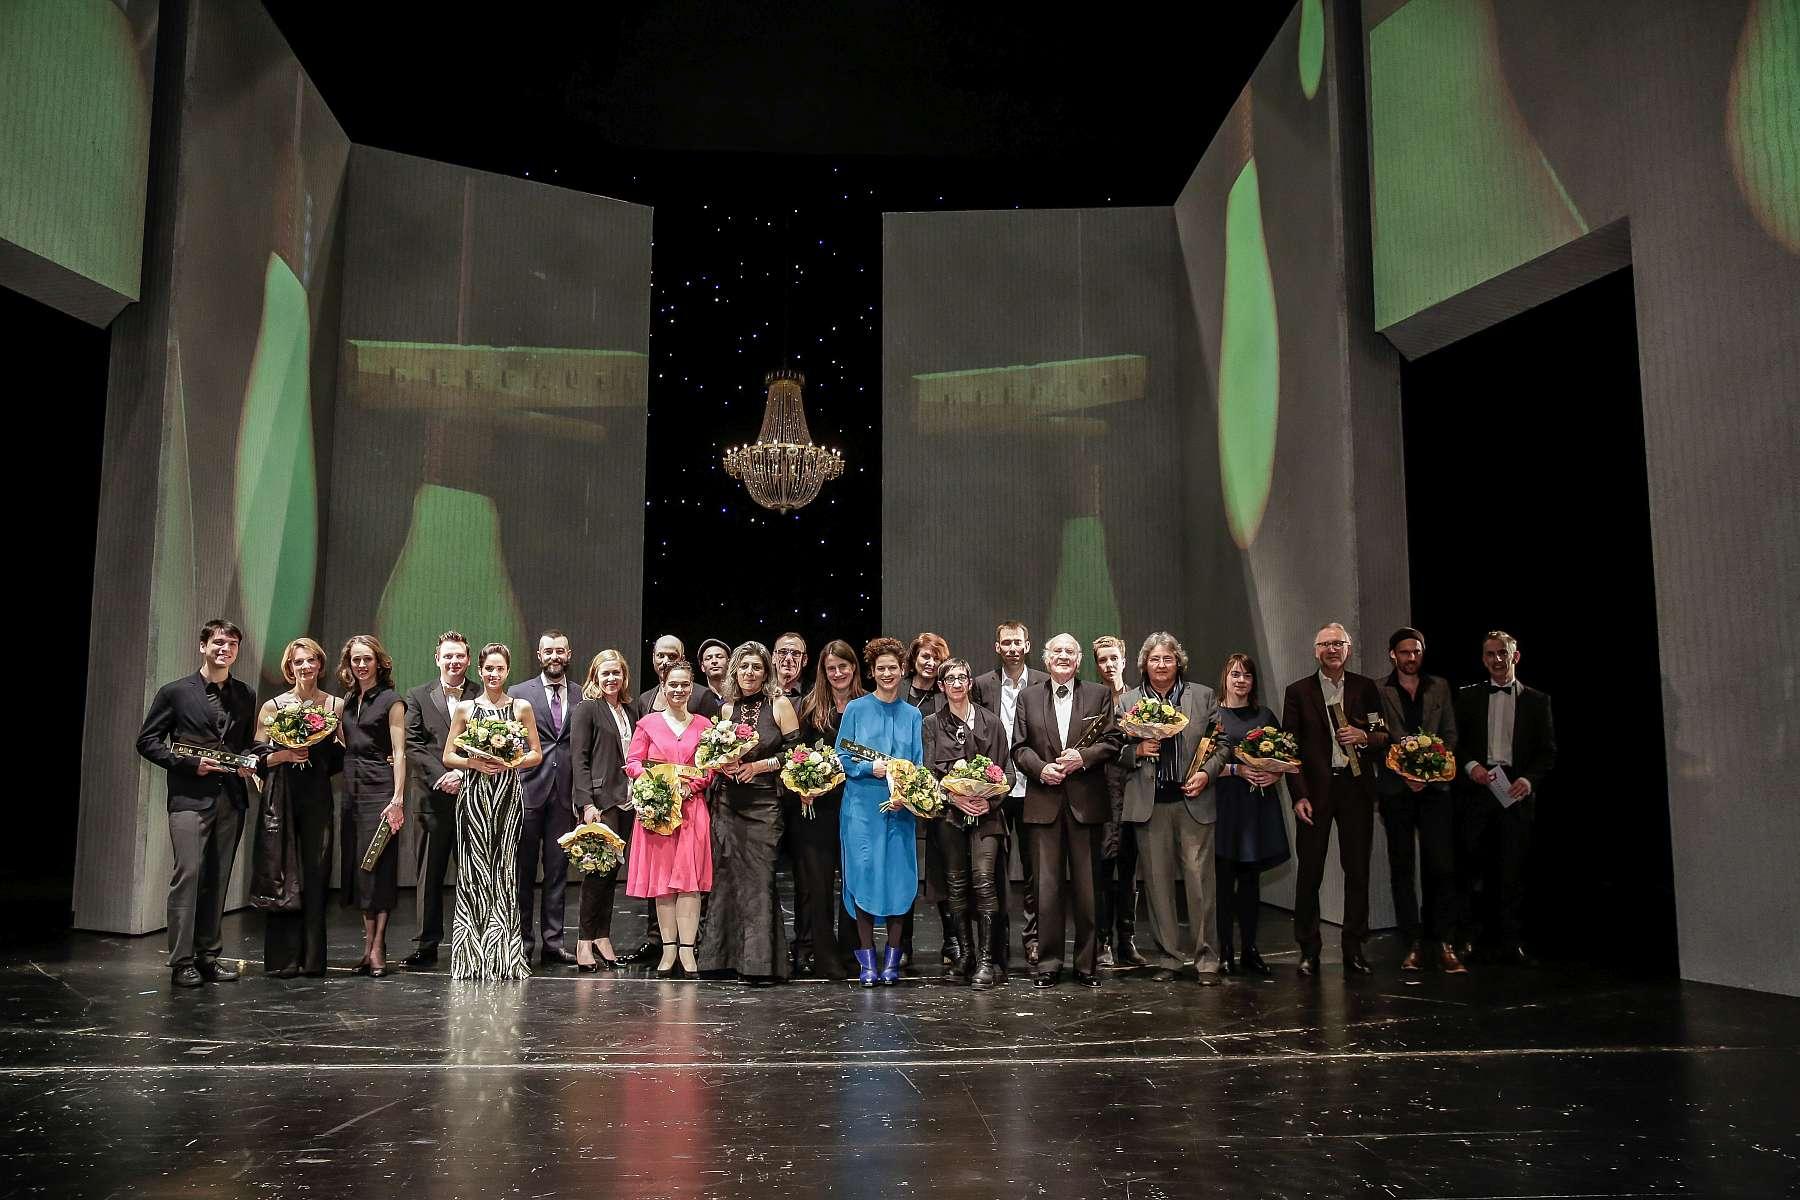 Die Preisträger des FAUST auf der Bühne des Saarländischen Staatstheaters, Saarbrücken/ Foto: Markus Nass